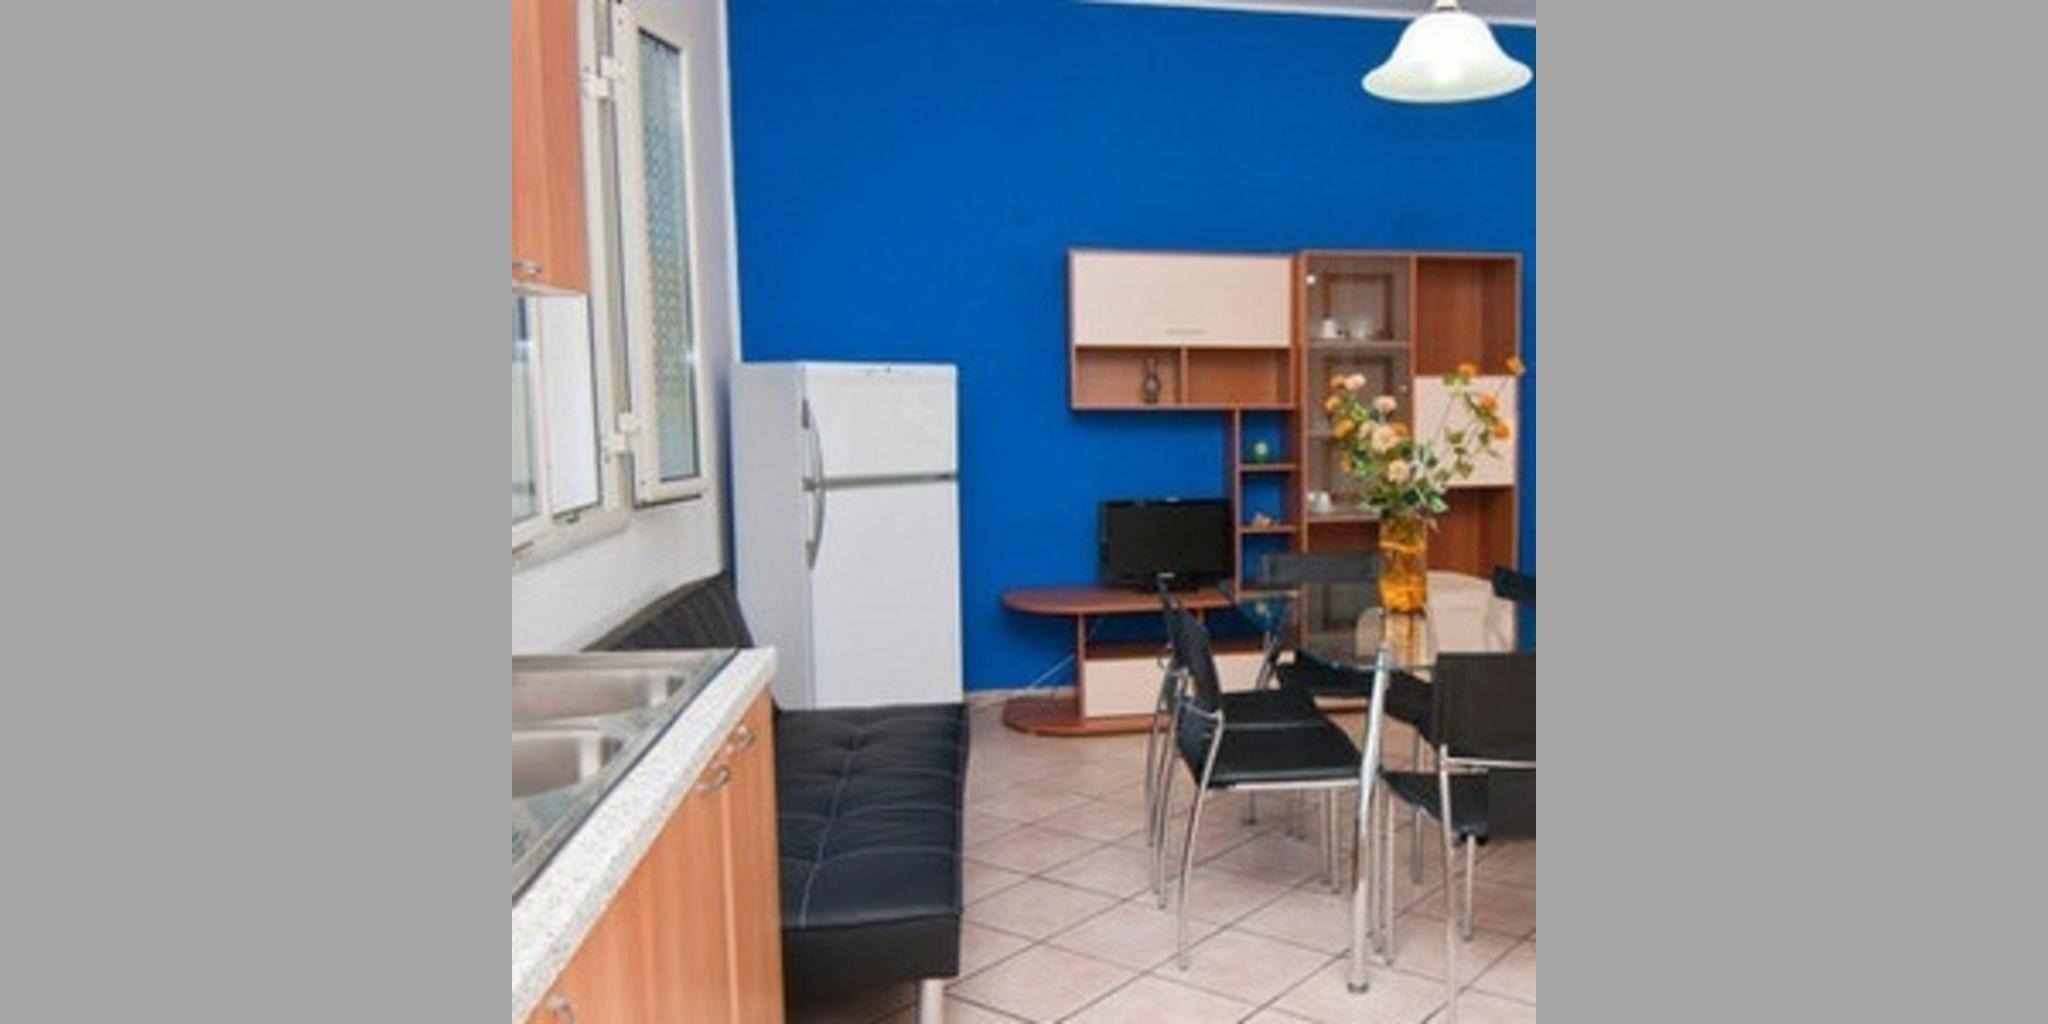 Appartamento Campofelice Di Roccella - Campofelice Di Roccella